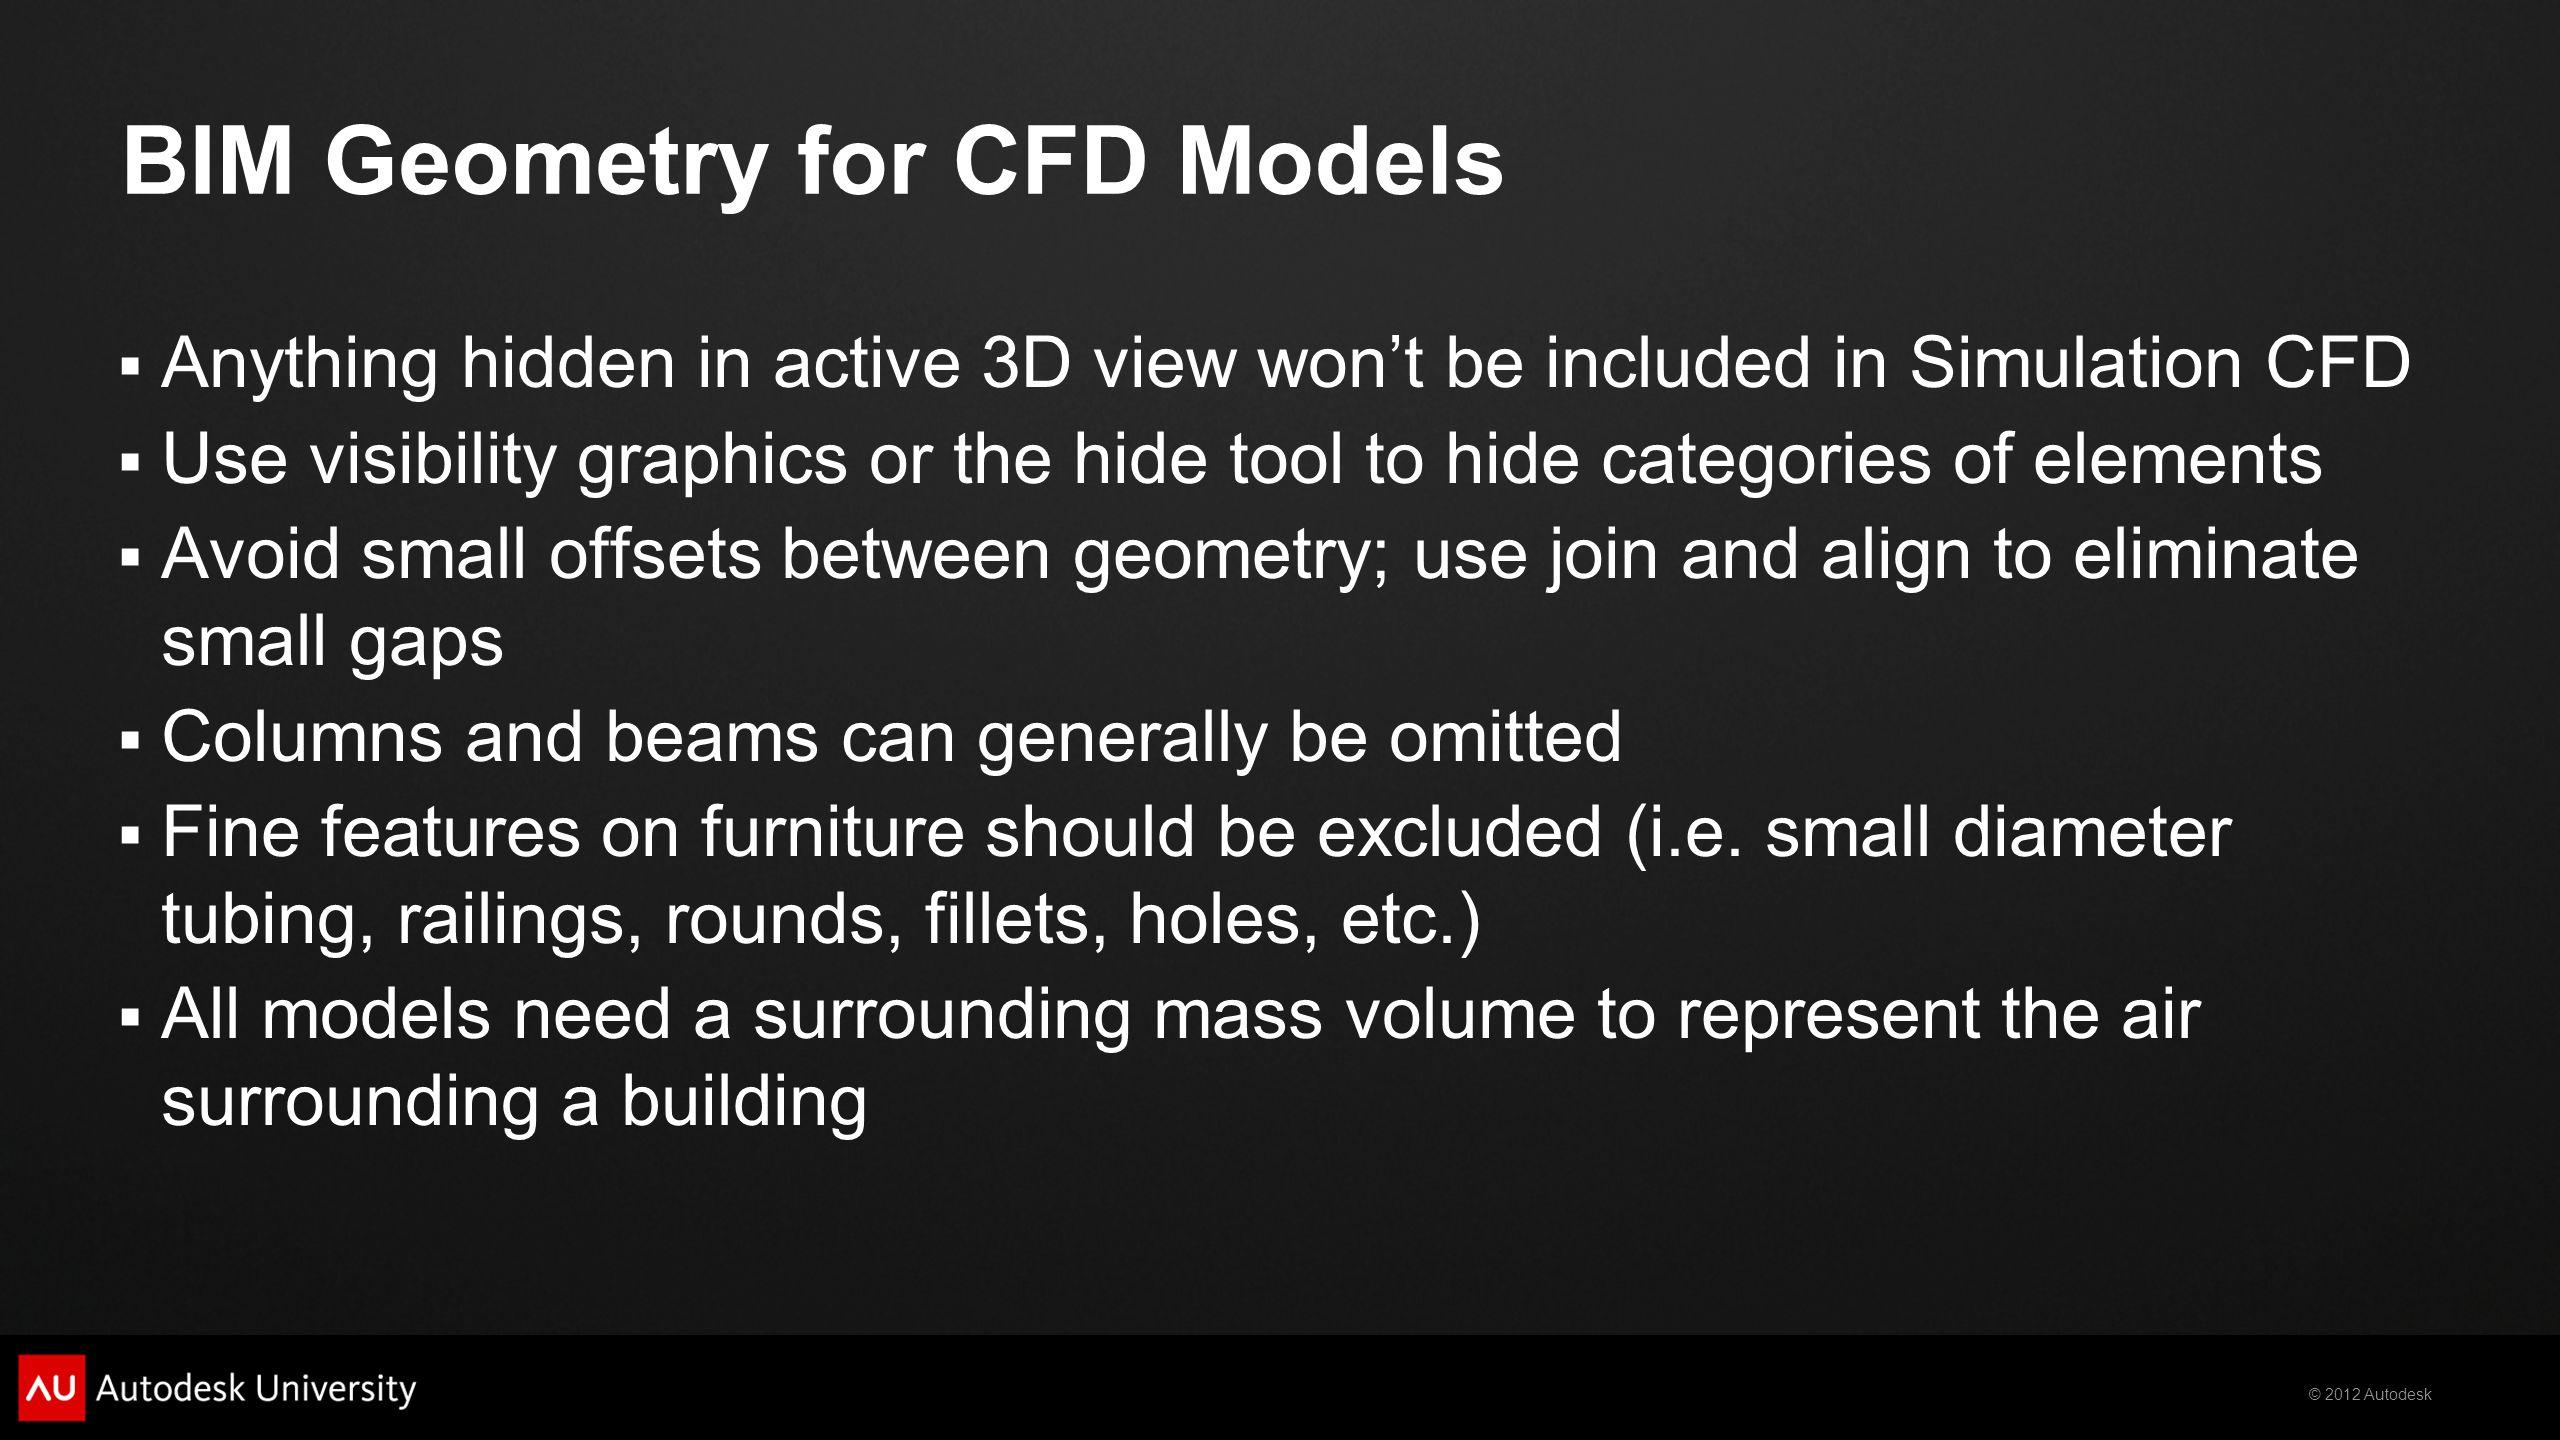 BIM Geometry for CFD Models